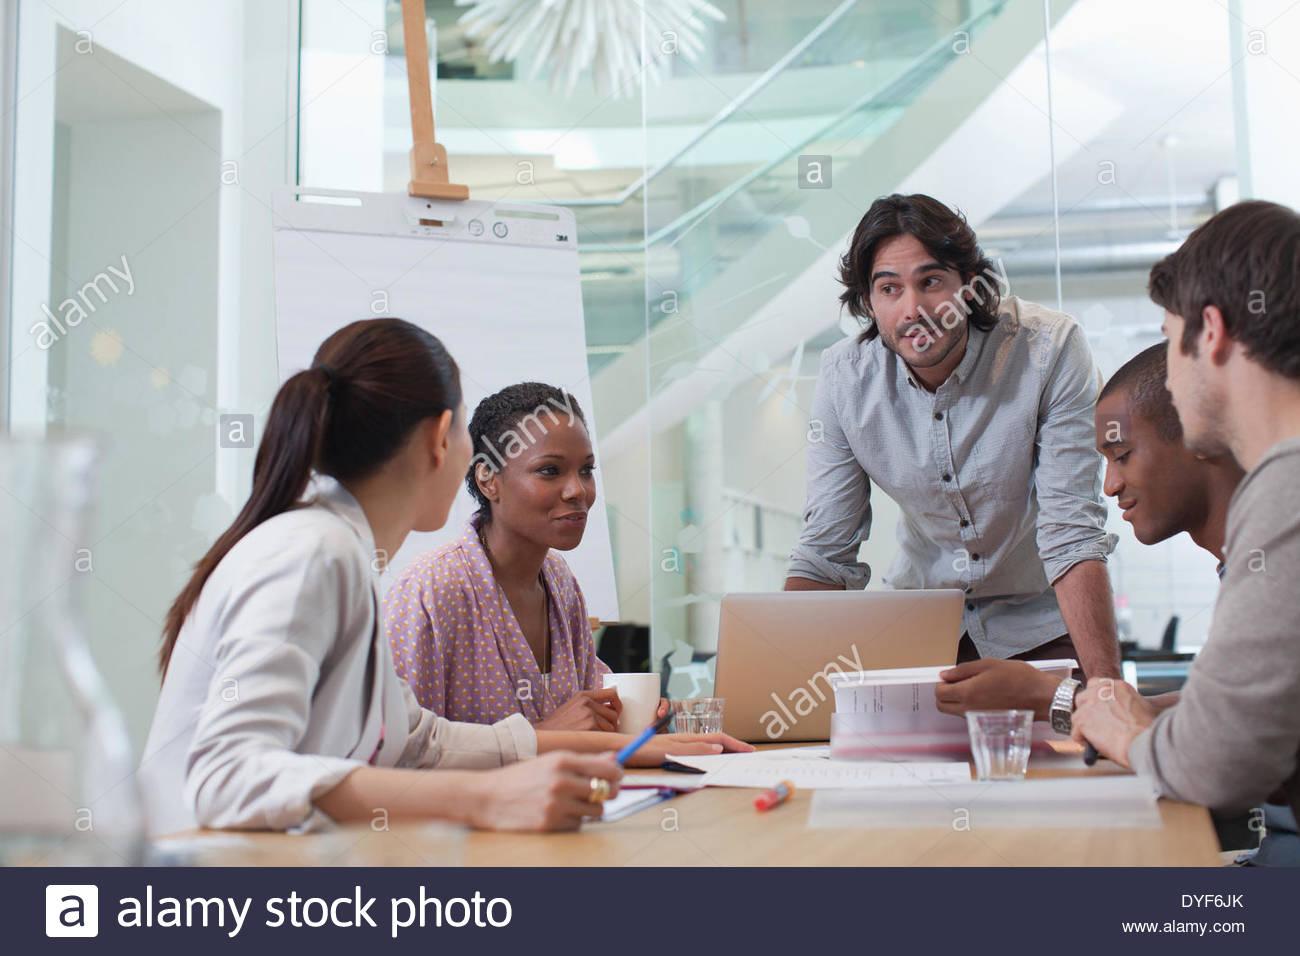 Rencontre des gens d'affaires dans la salle de conférence Photo Stock